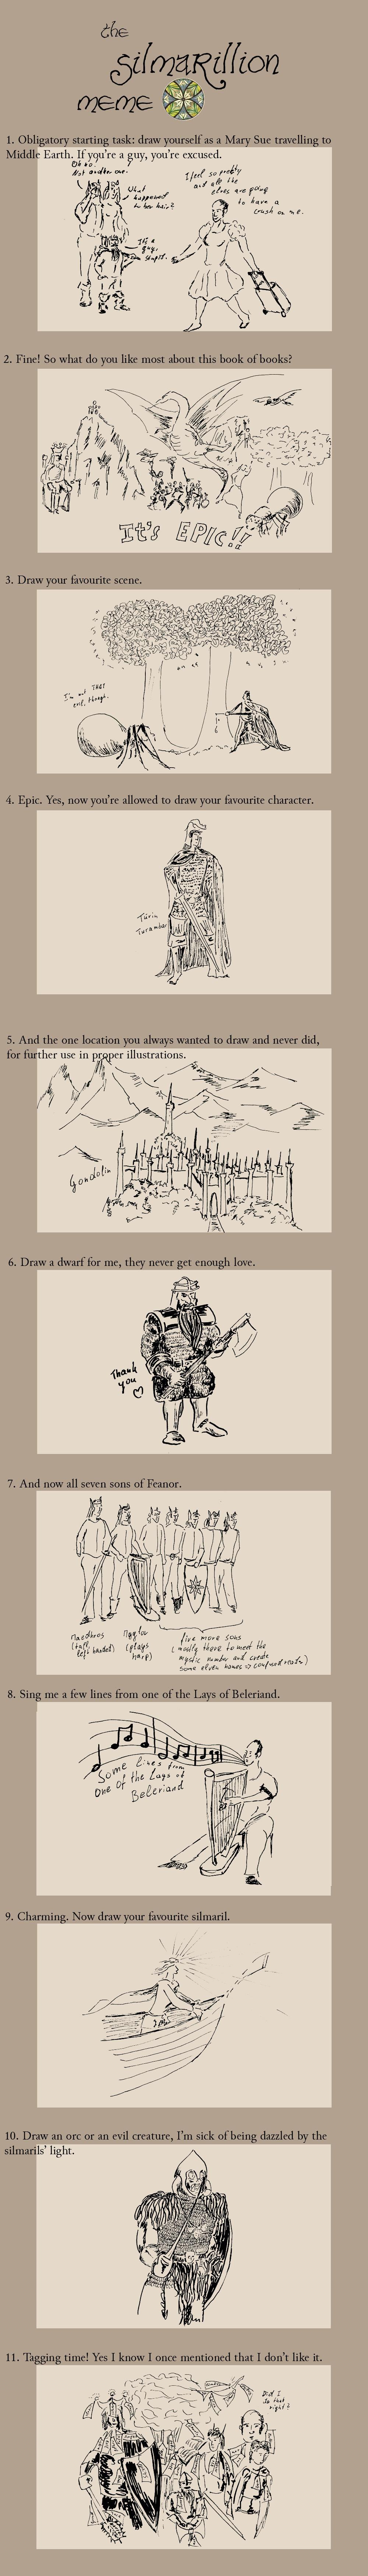 Dulliros's Silmarillion Meme by Dulliros